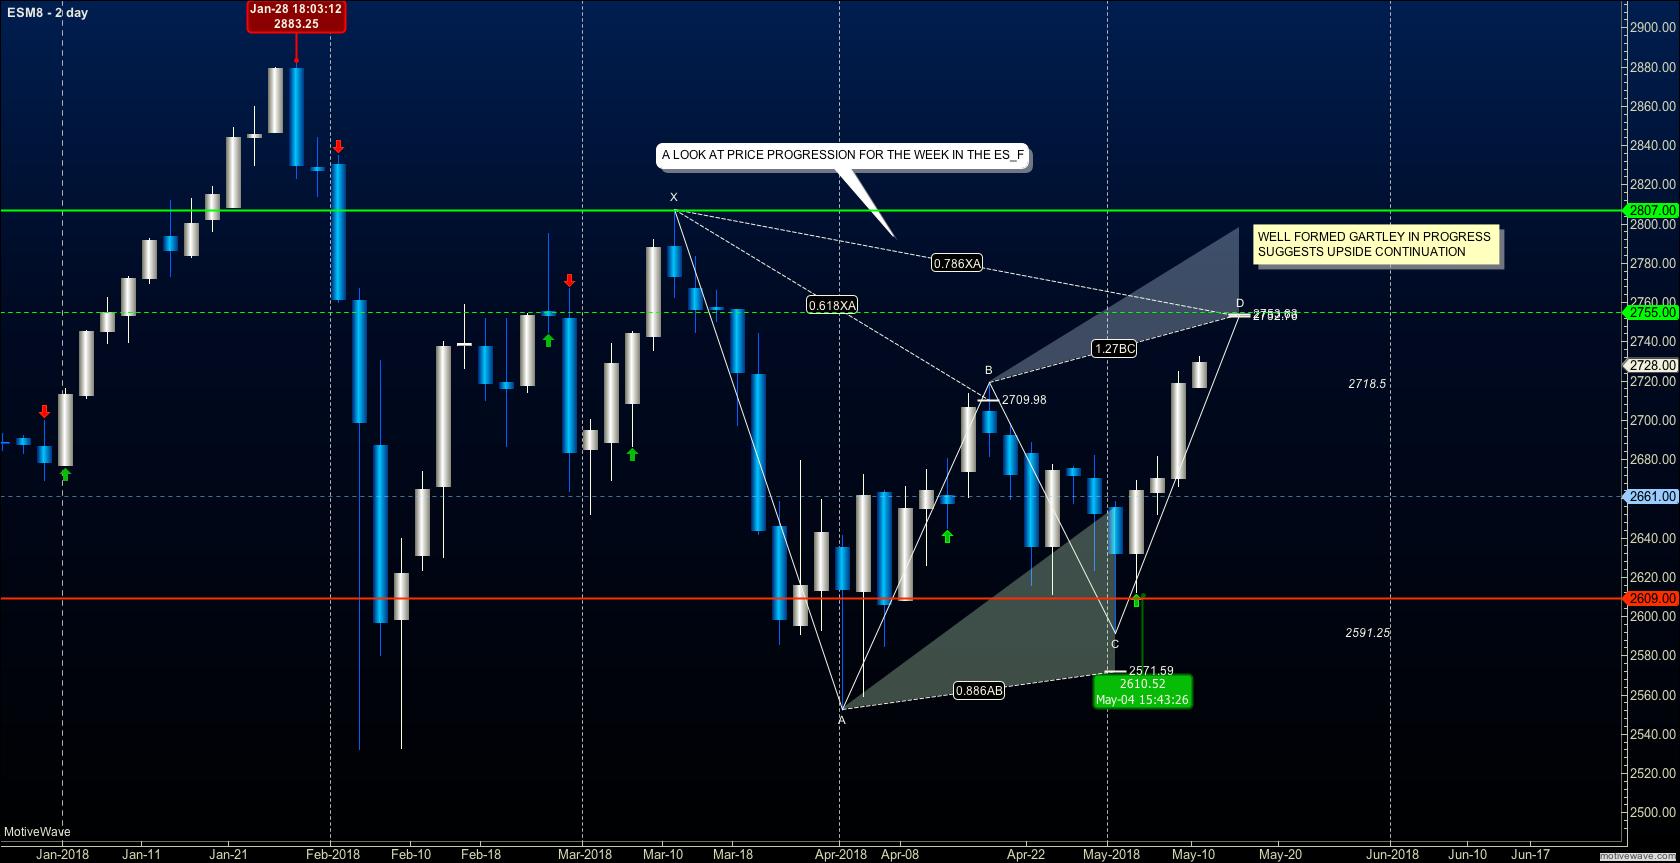 s&p 500 bullish gartley pattern continuation chart_may 14 investing